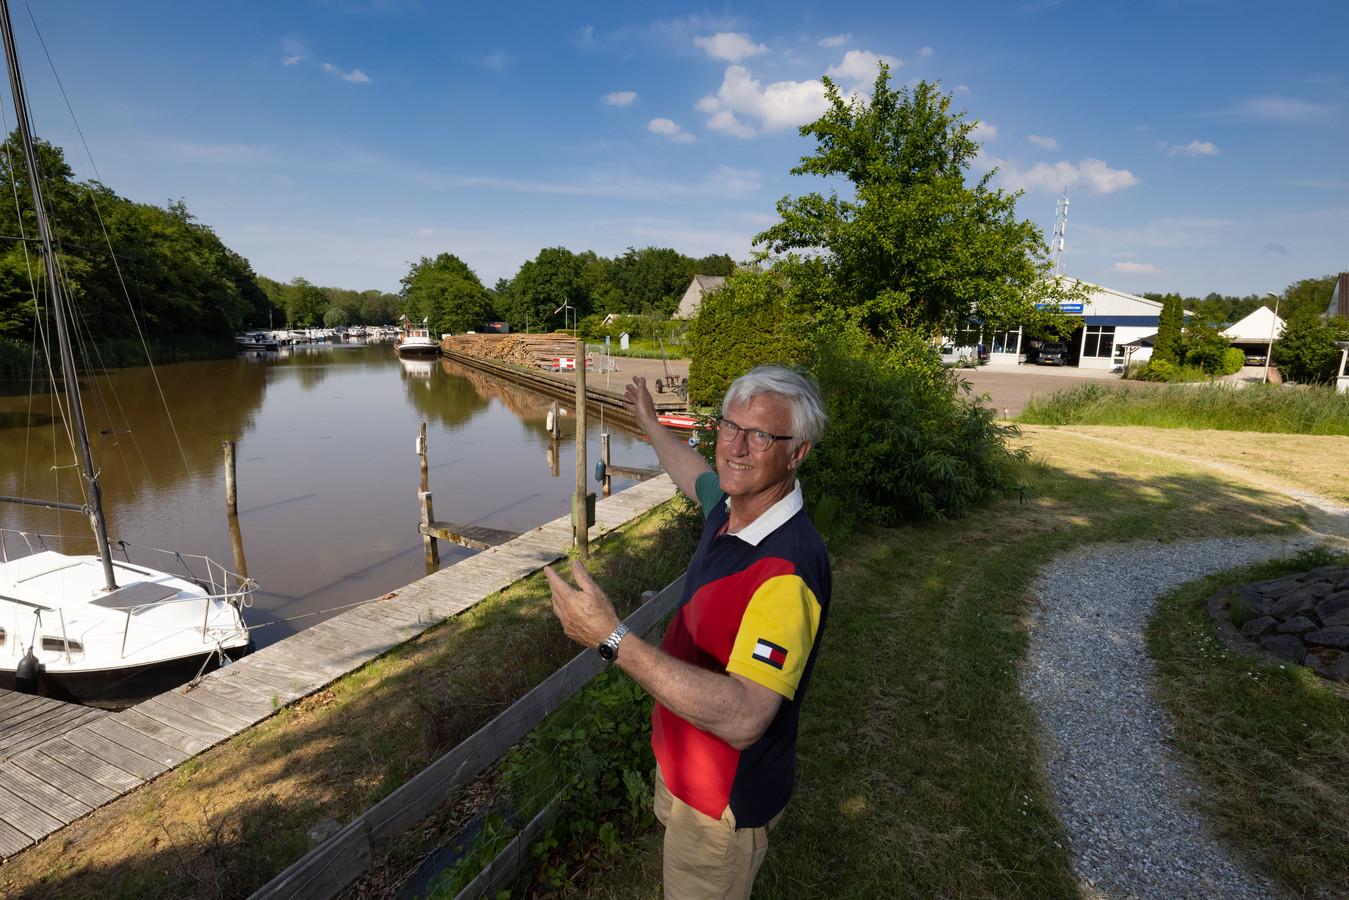 Inwoners van Kraggenburg willen eind dit jaar in samenwerking met enkele andere organisaties de Leemkade in Kraggenburg omvormen tot een boulevard. Wubbo de Raad, de kartrekker van het project, wijst het vervuilde gedeelte aan.